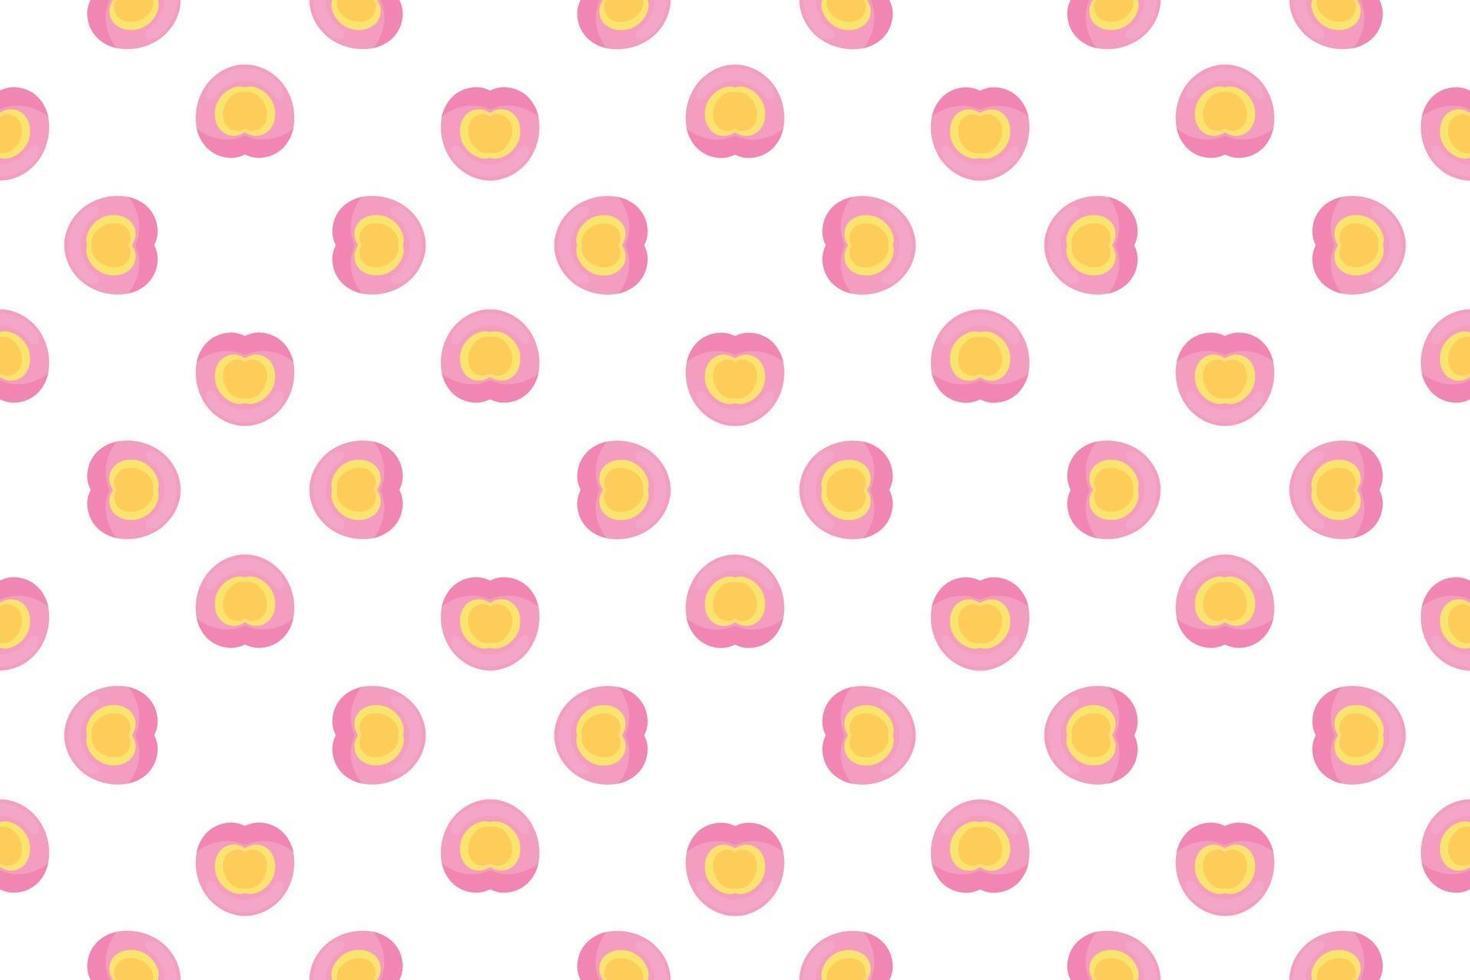 padrão de coração em gradiente rosa para papel de embrulho. vetor